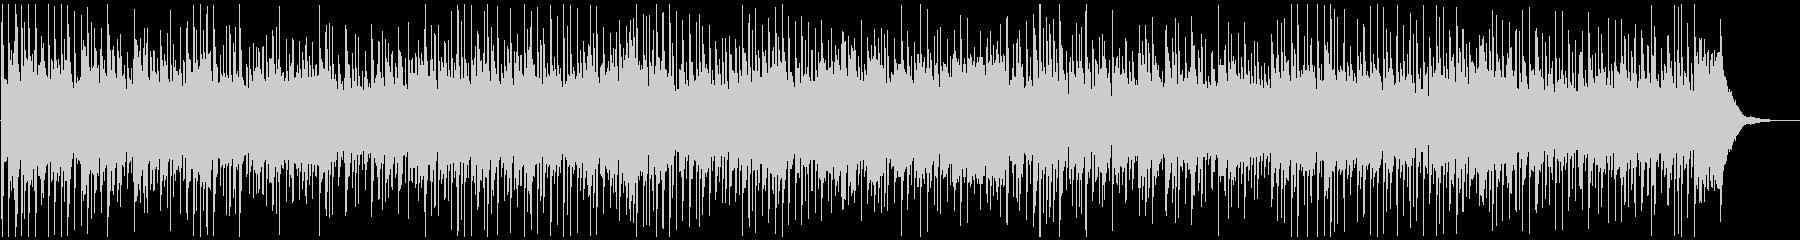 カントリー調ピアノバラードの未再生の波形